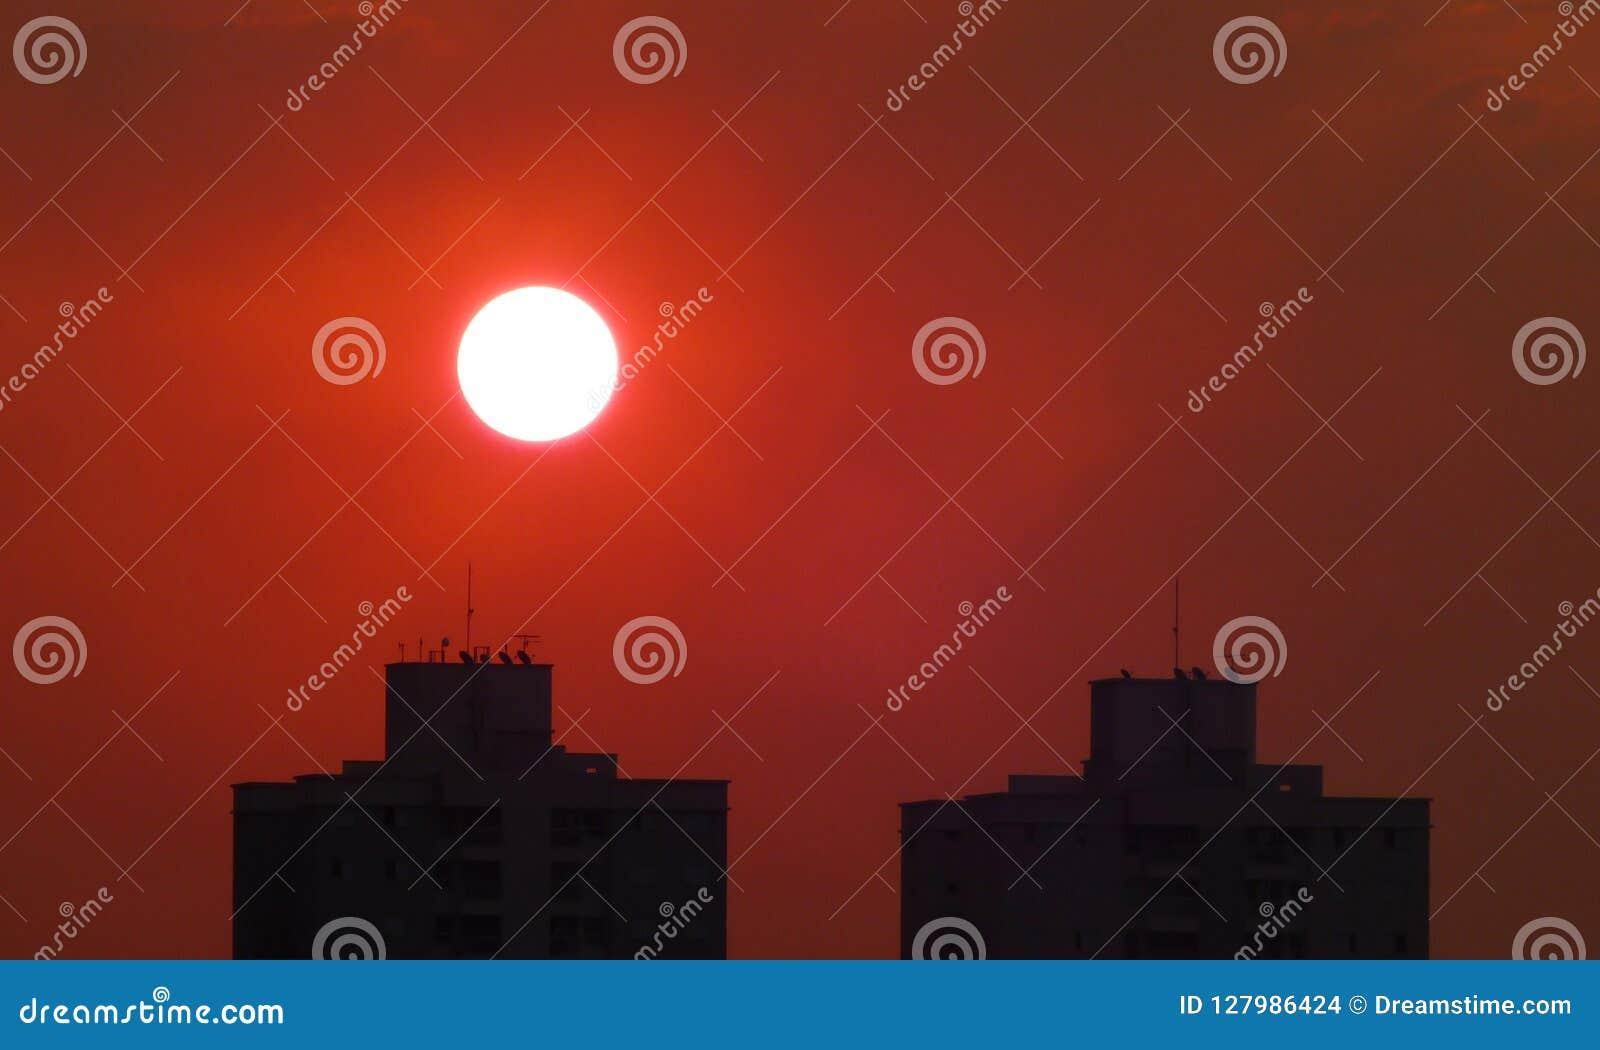 Zmierzch na czerwonym niebie nad budynkami w jesieni